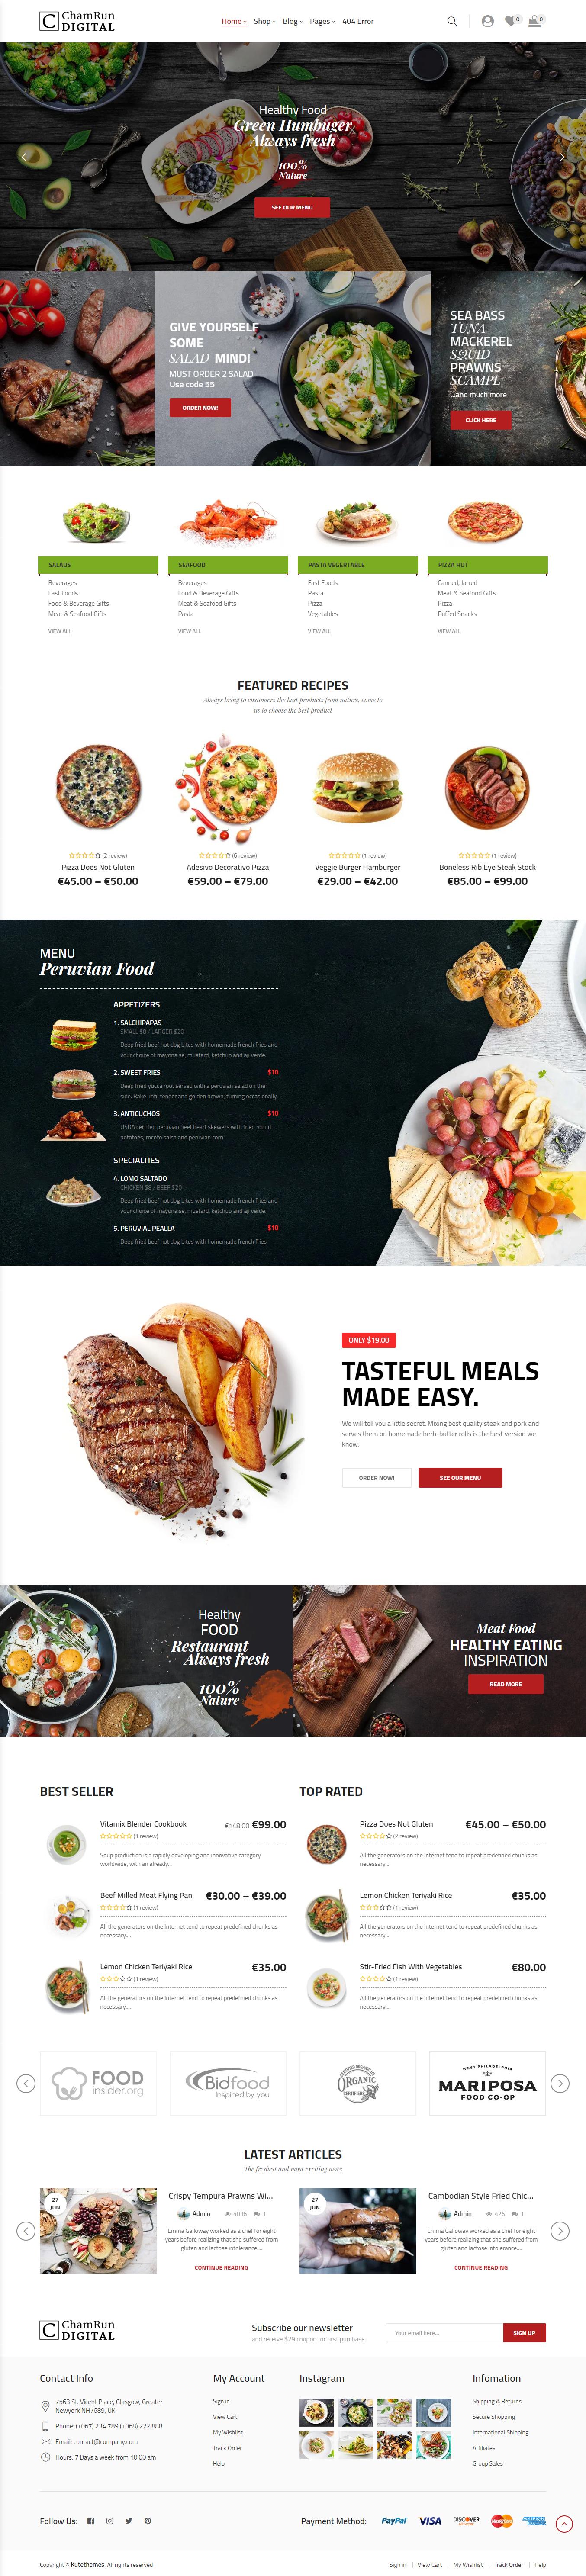 Chamwebdesign-food4